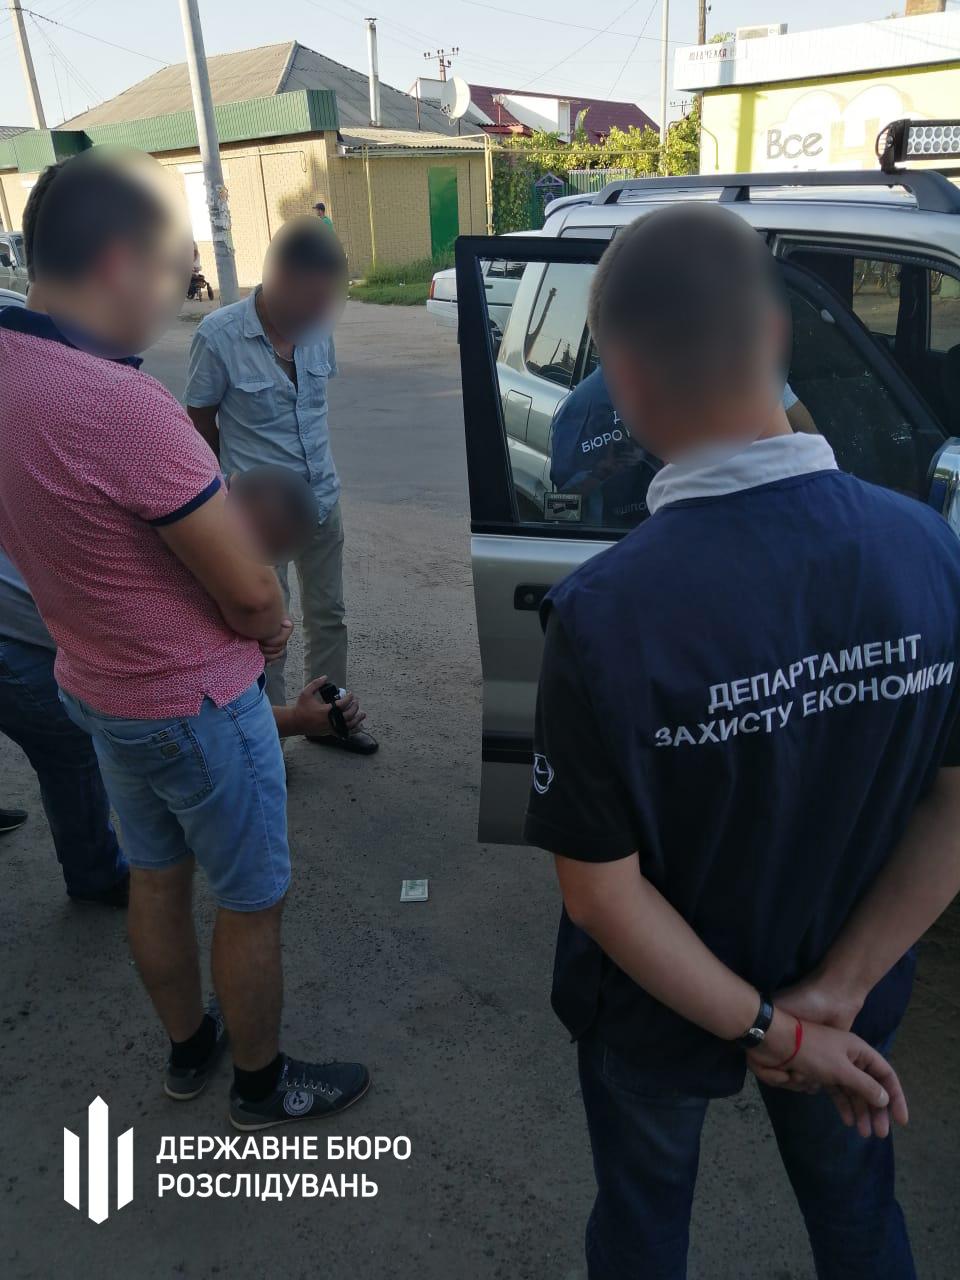 На Кіровоградщині затримали керівника райвідділу прокуратури за підозрою в отриманні хабара. ФОТО - 2 - Корупція - Без Купюр